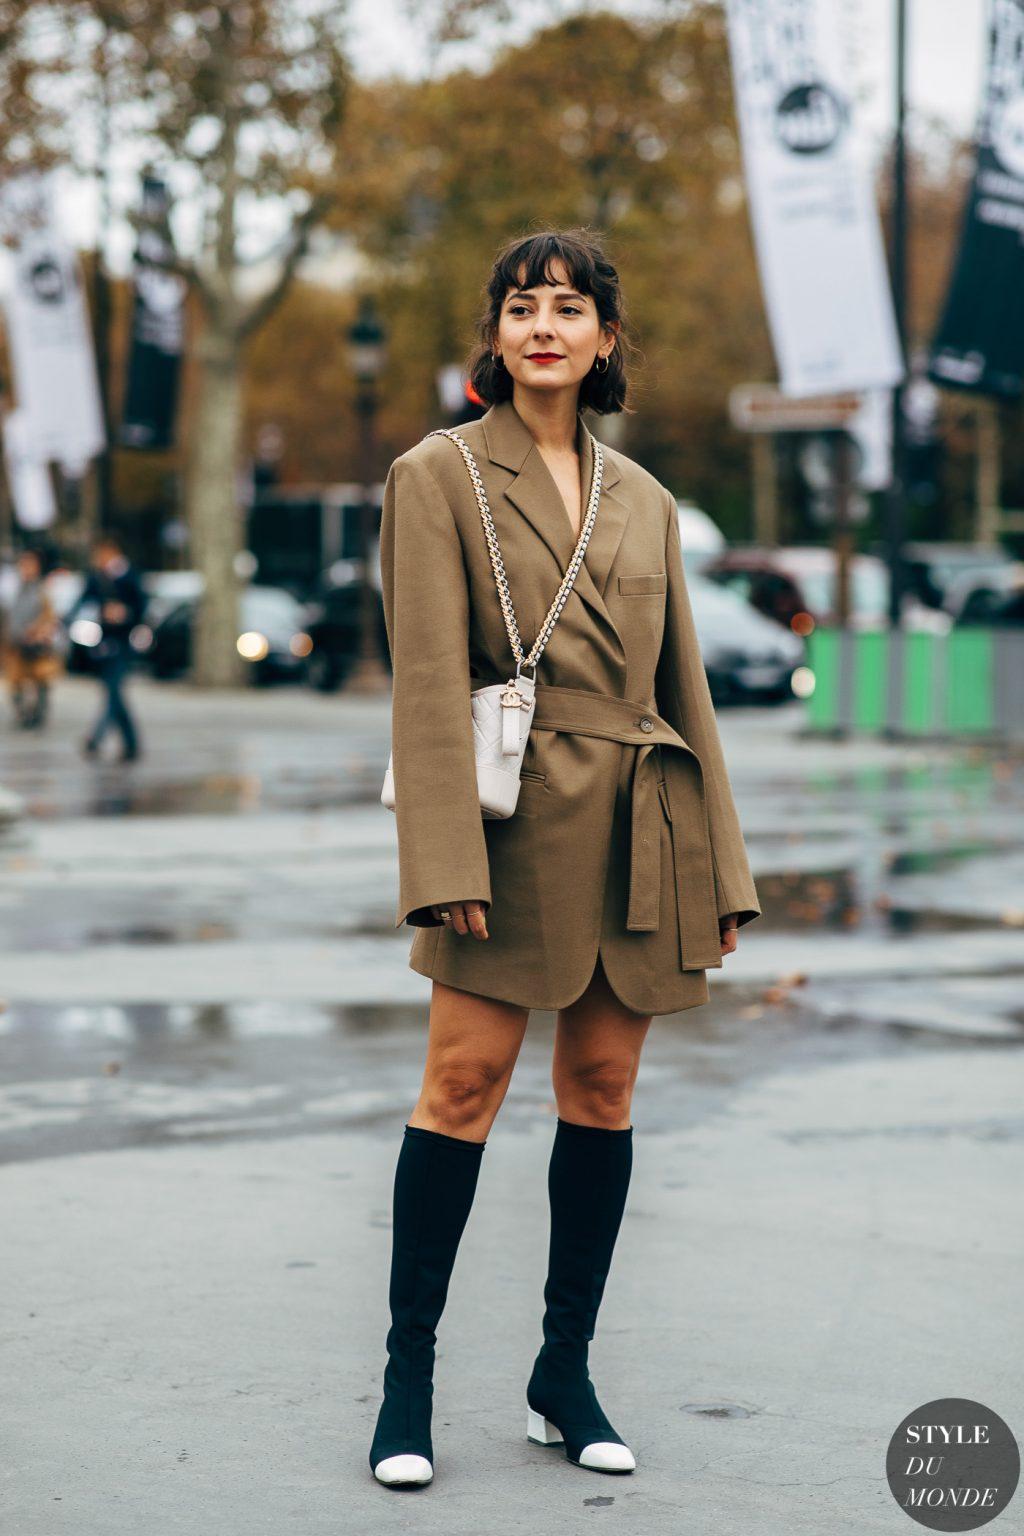 thời trang công sở cá tính với blazer màu nâu và bốt cao quá gối